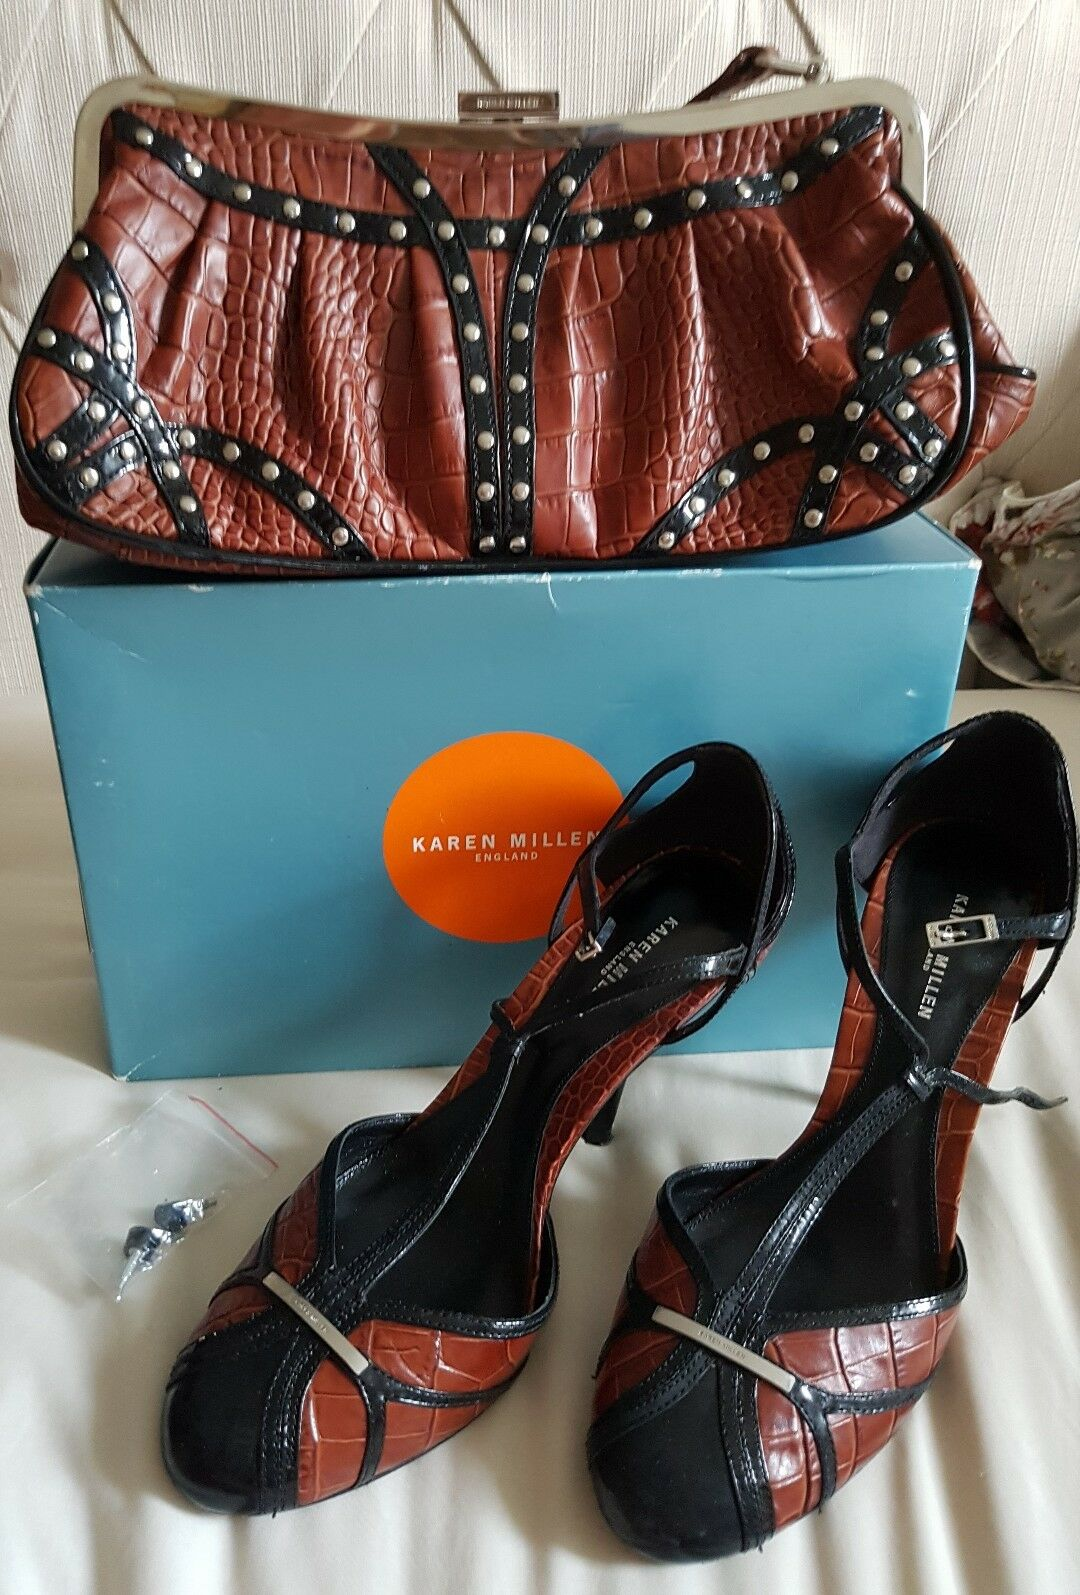 Karen MILLEN schuhe Günstige und gute Schuhe